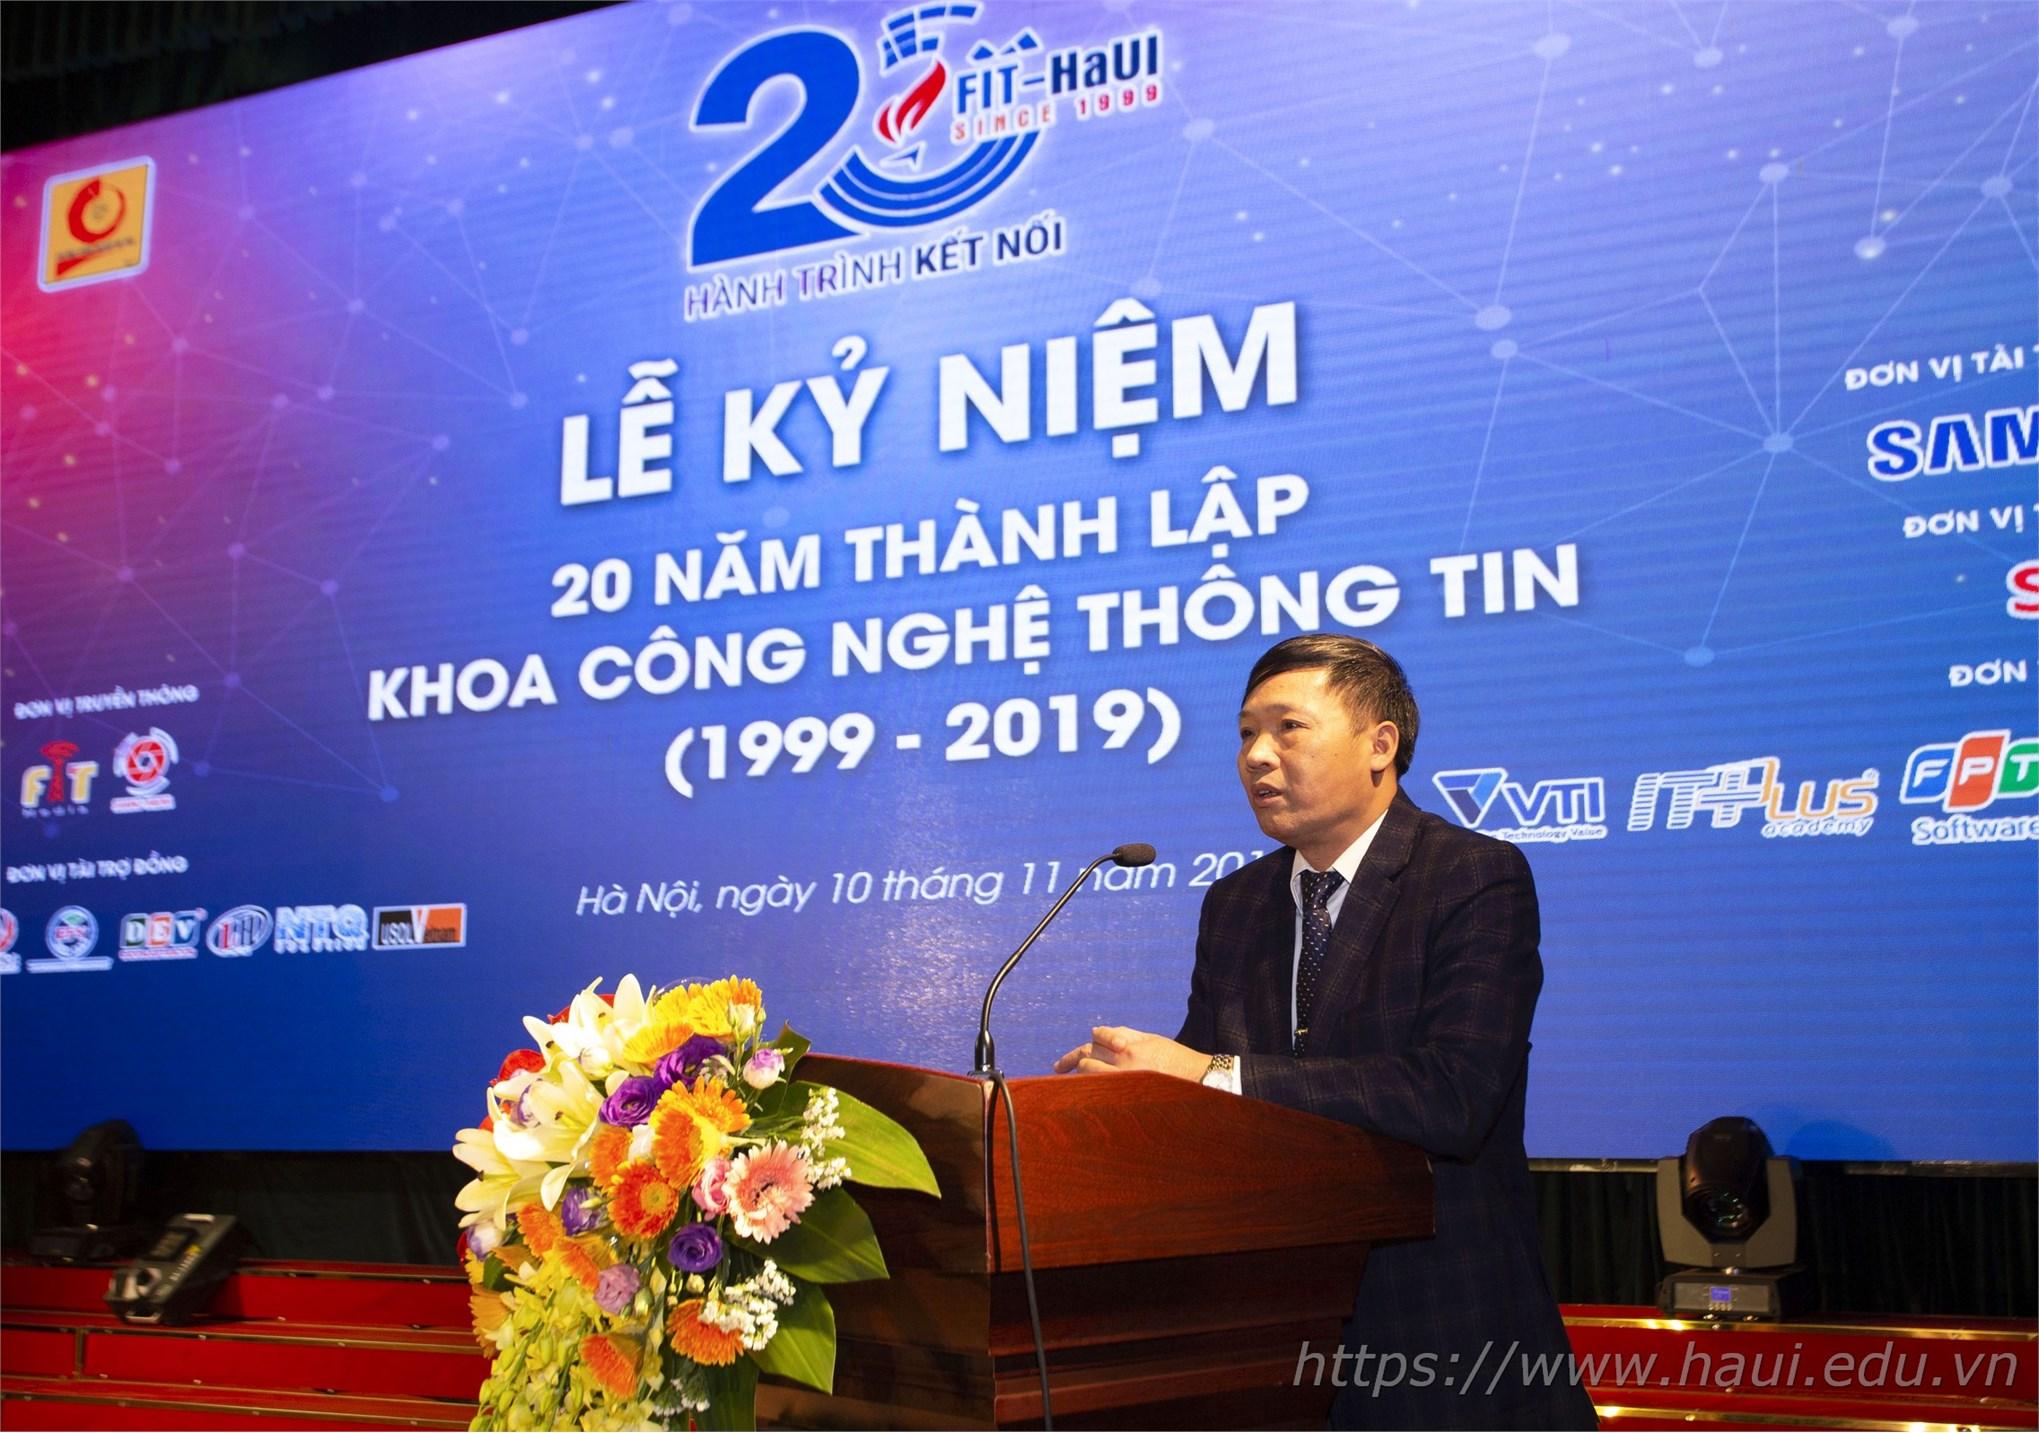 Lễ kỷ niệm 20 năm thành lập khoa Công nghệ Thông tin ĐHCNHN